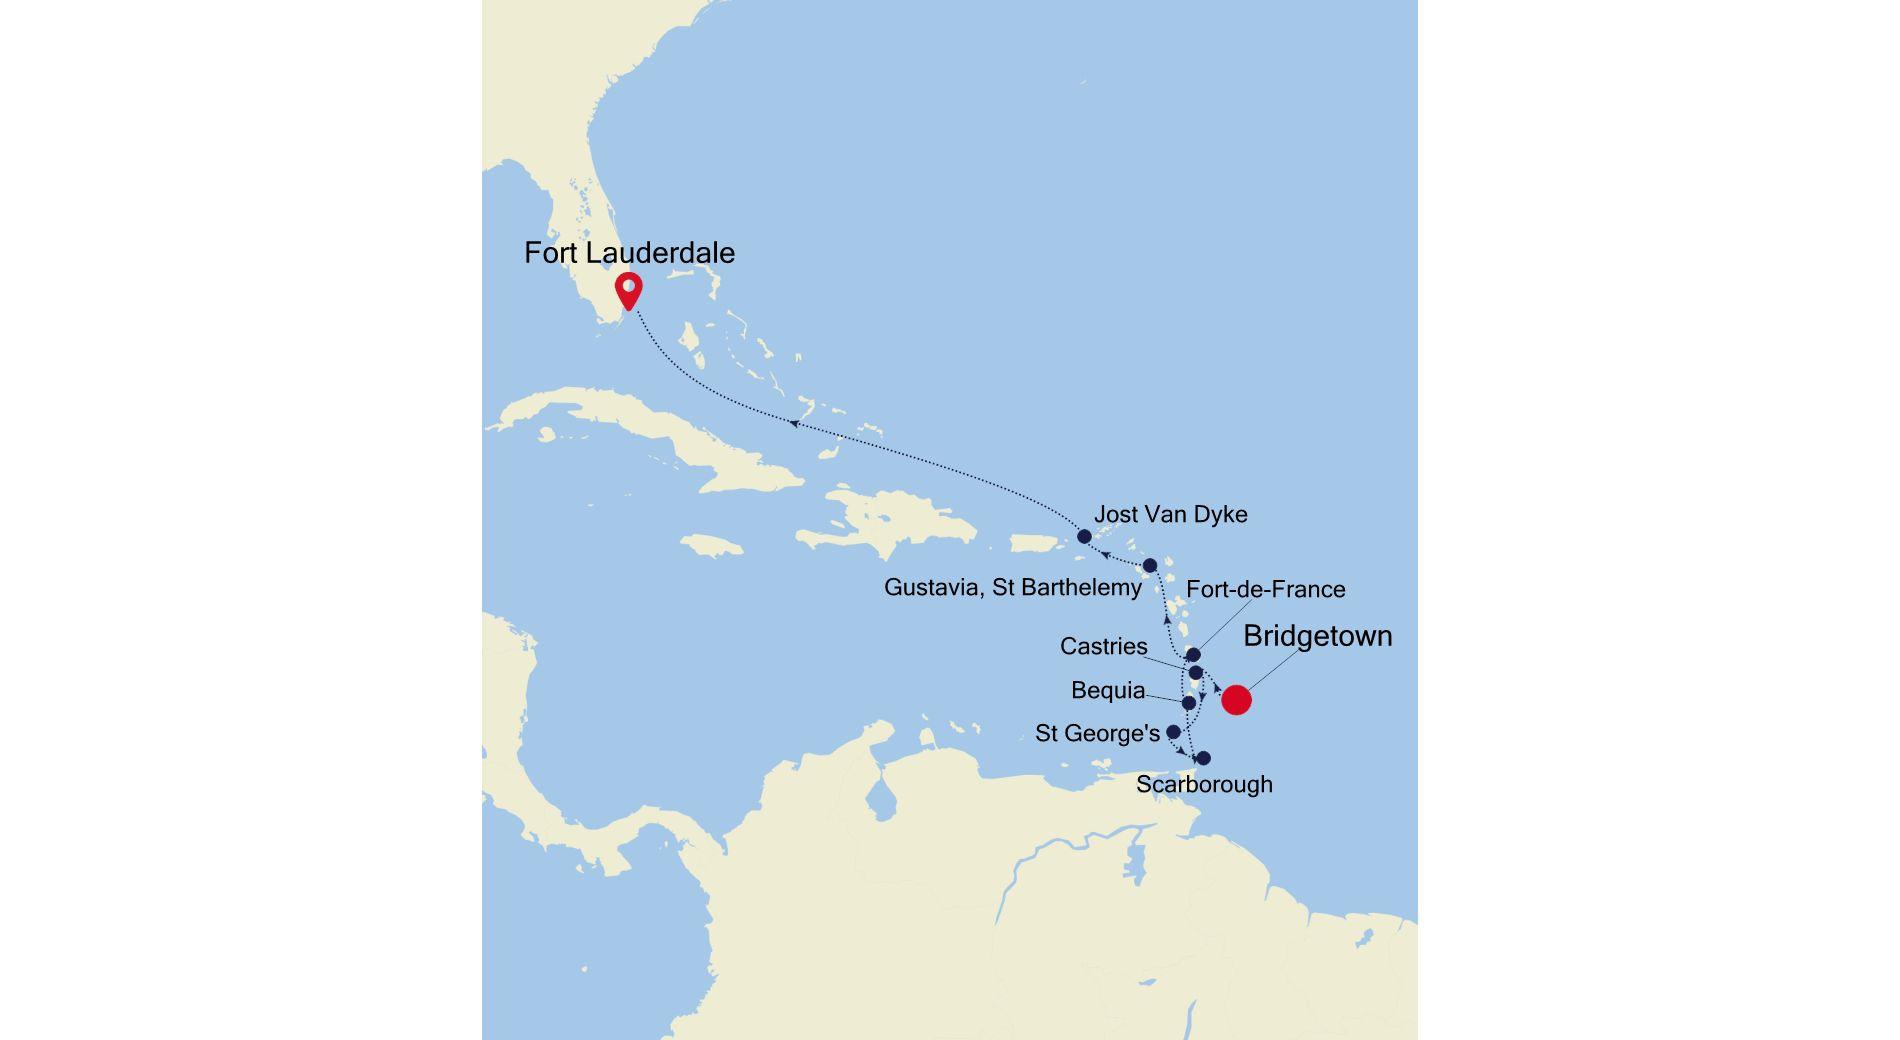 2013 - Bridgetown nach Fort Lauderdale